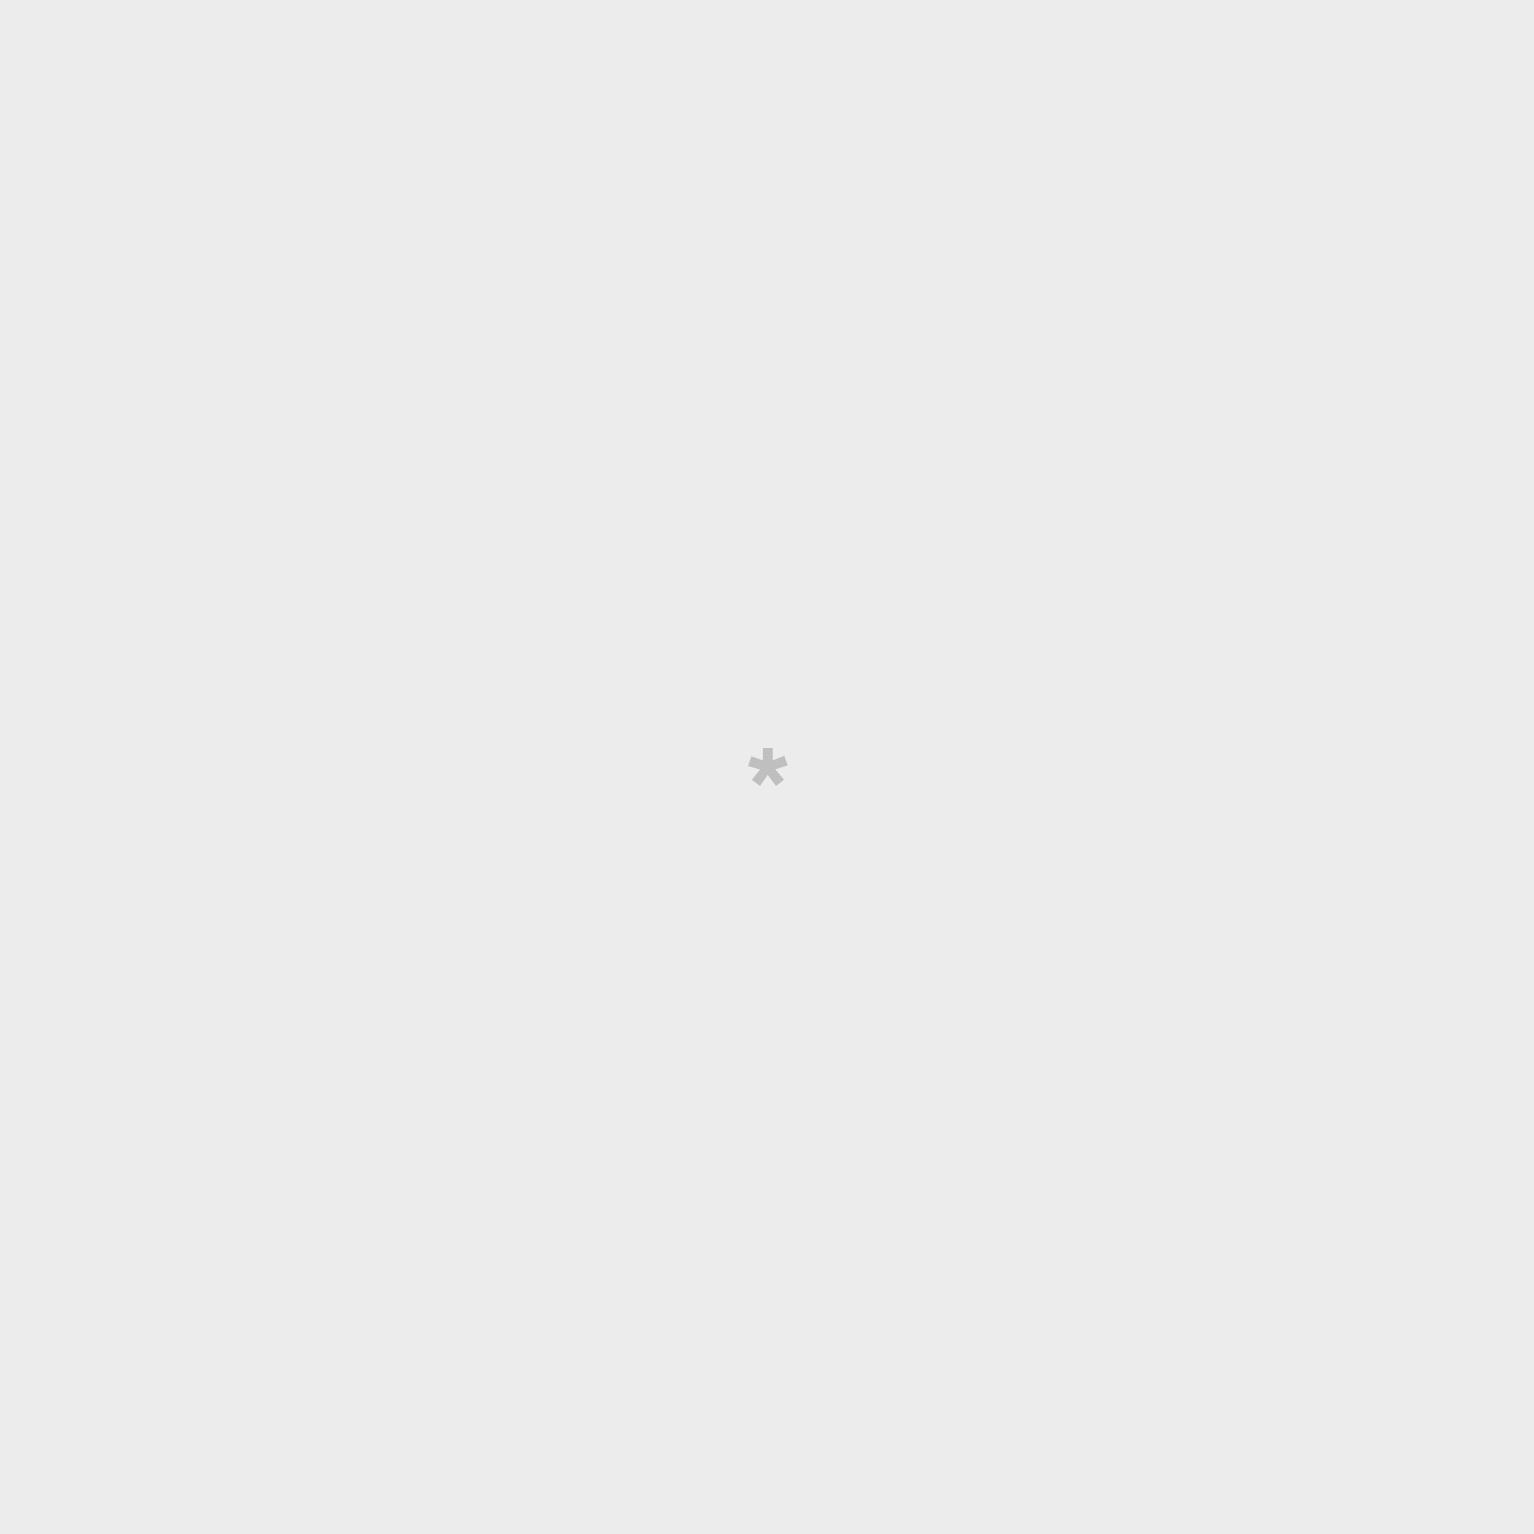 Rollo de papel pintado - Topos (Color rosa)